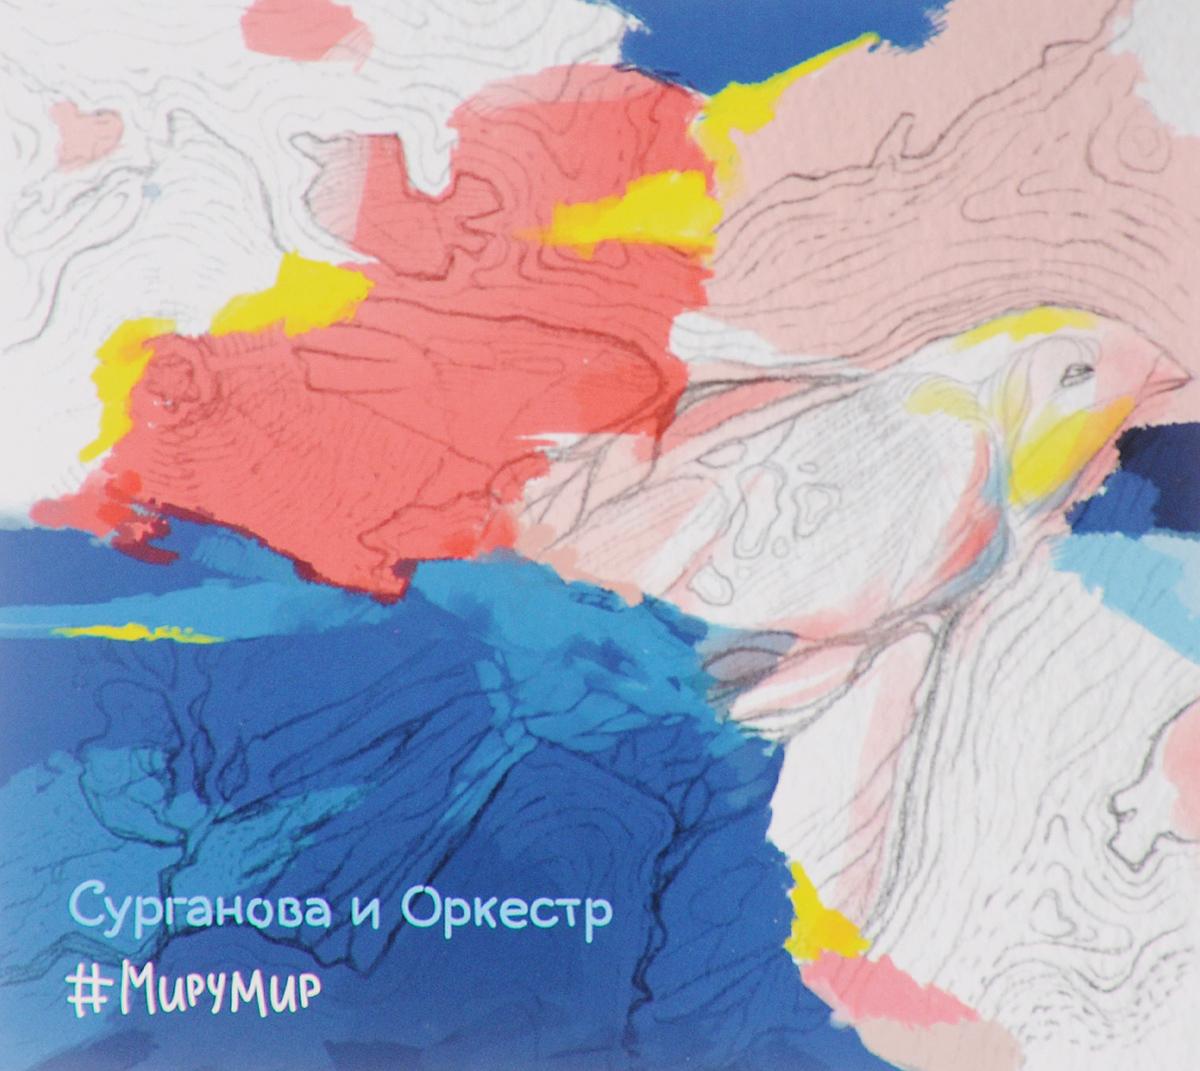 На упаковке представлена дополнительная информация на русском языке.